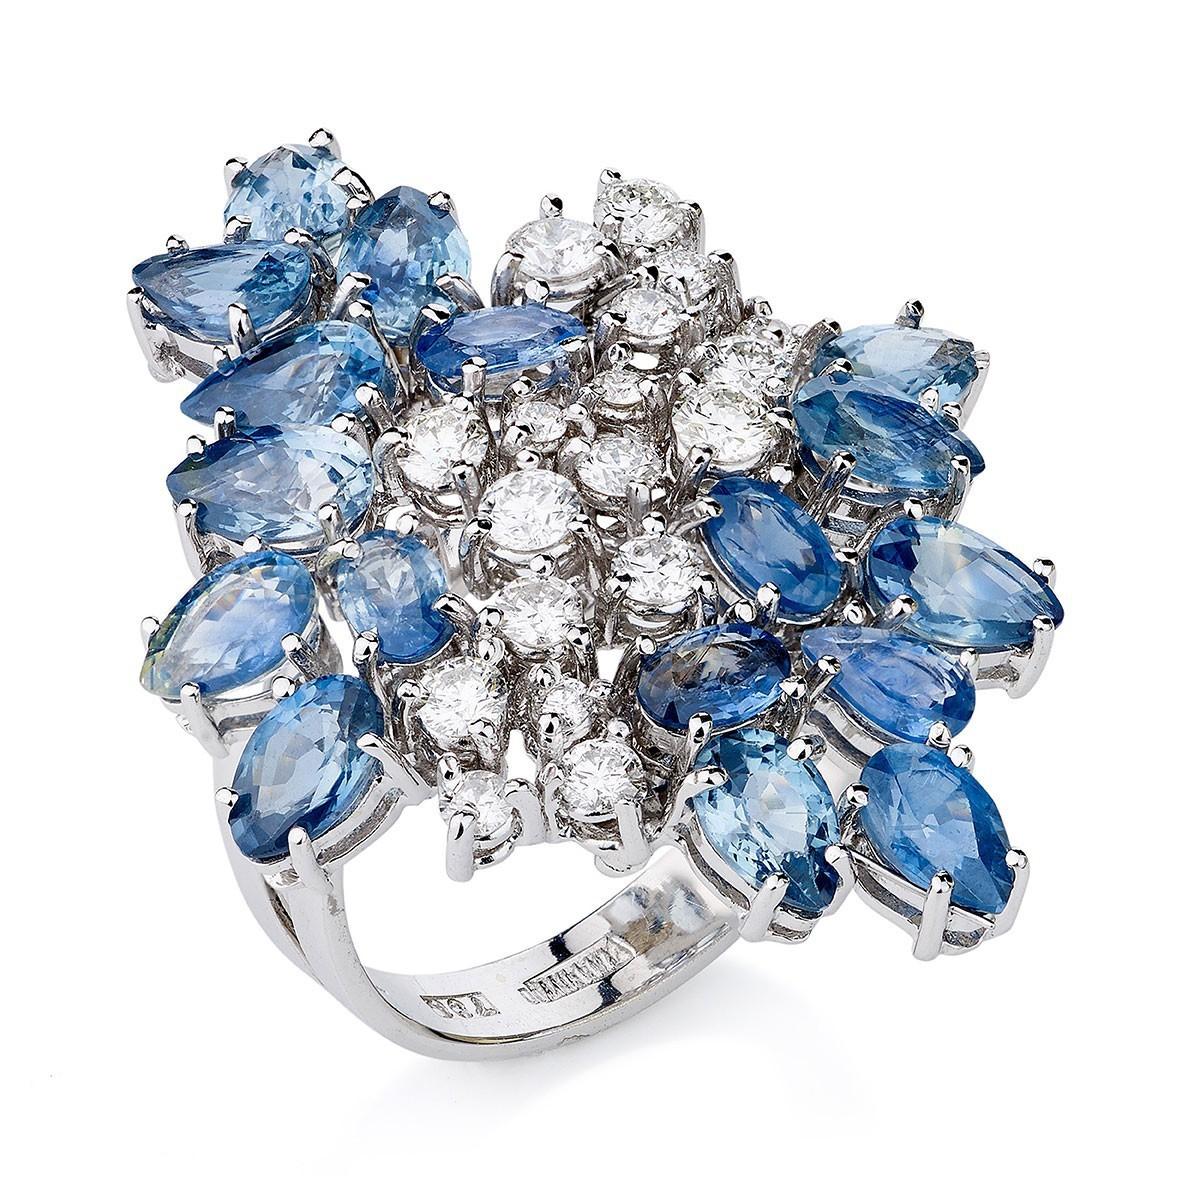 97a5e4e5a283b anel flor ouro branco com diamantes e safiras